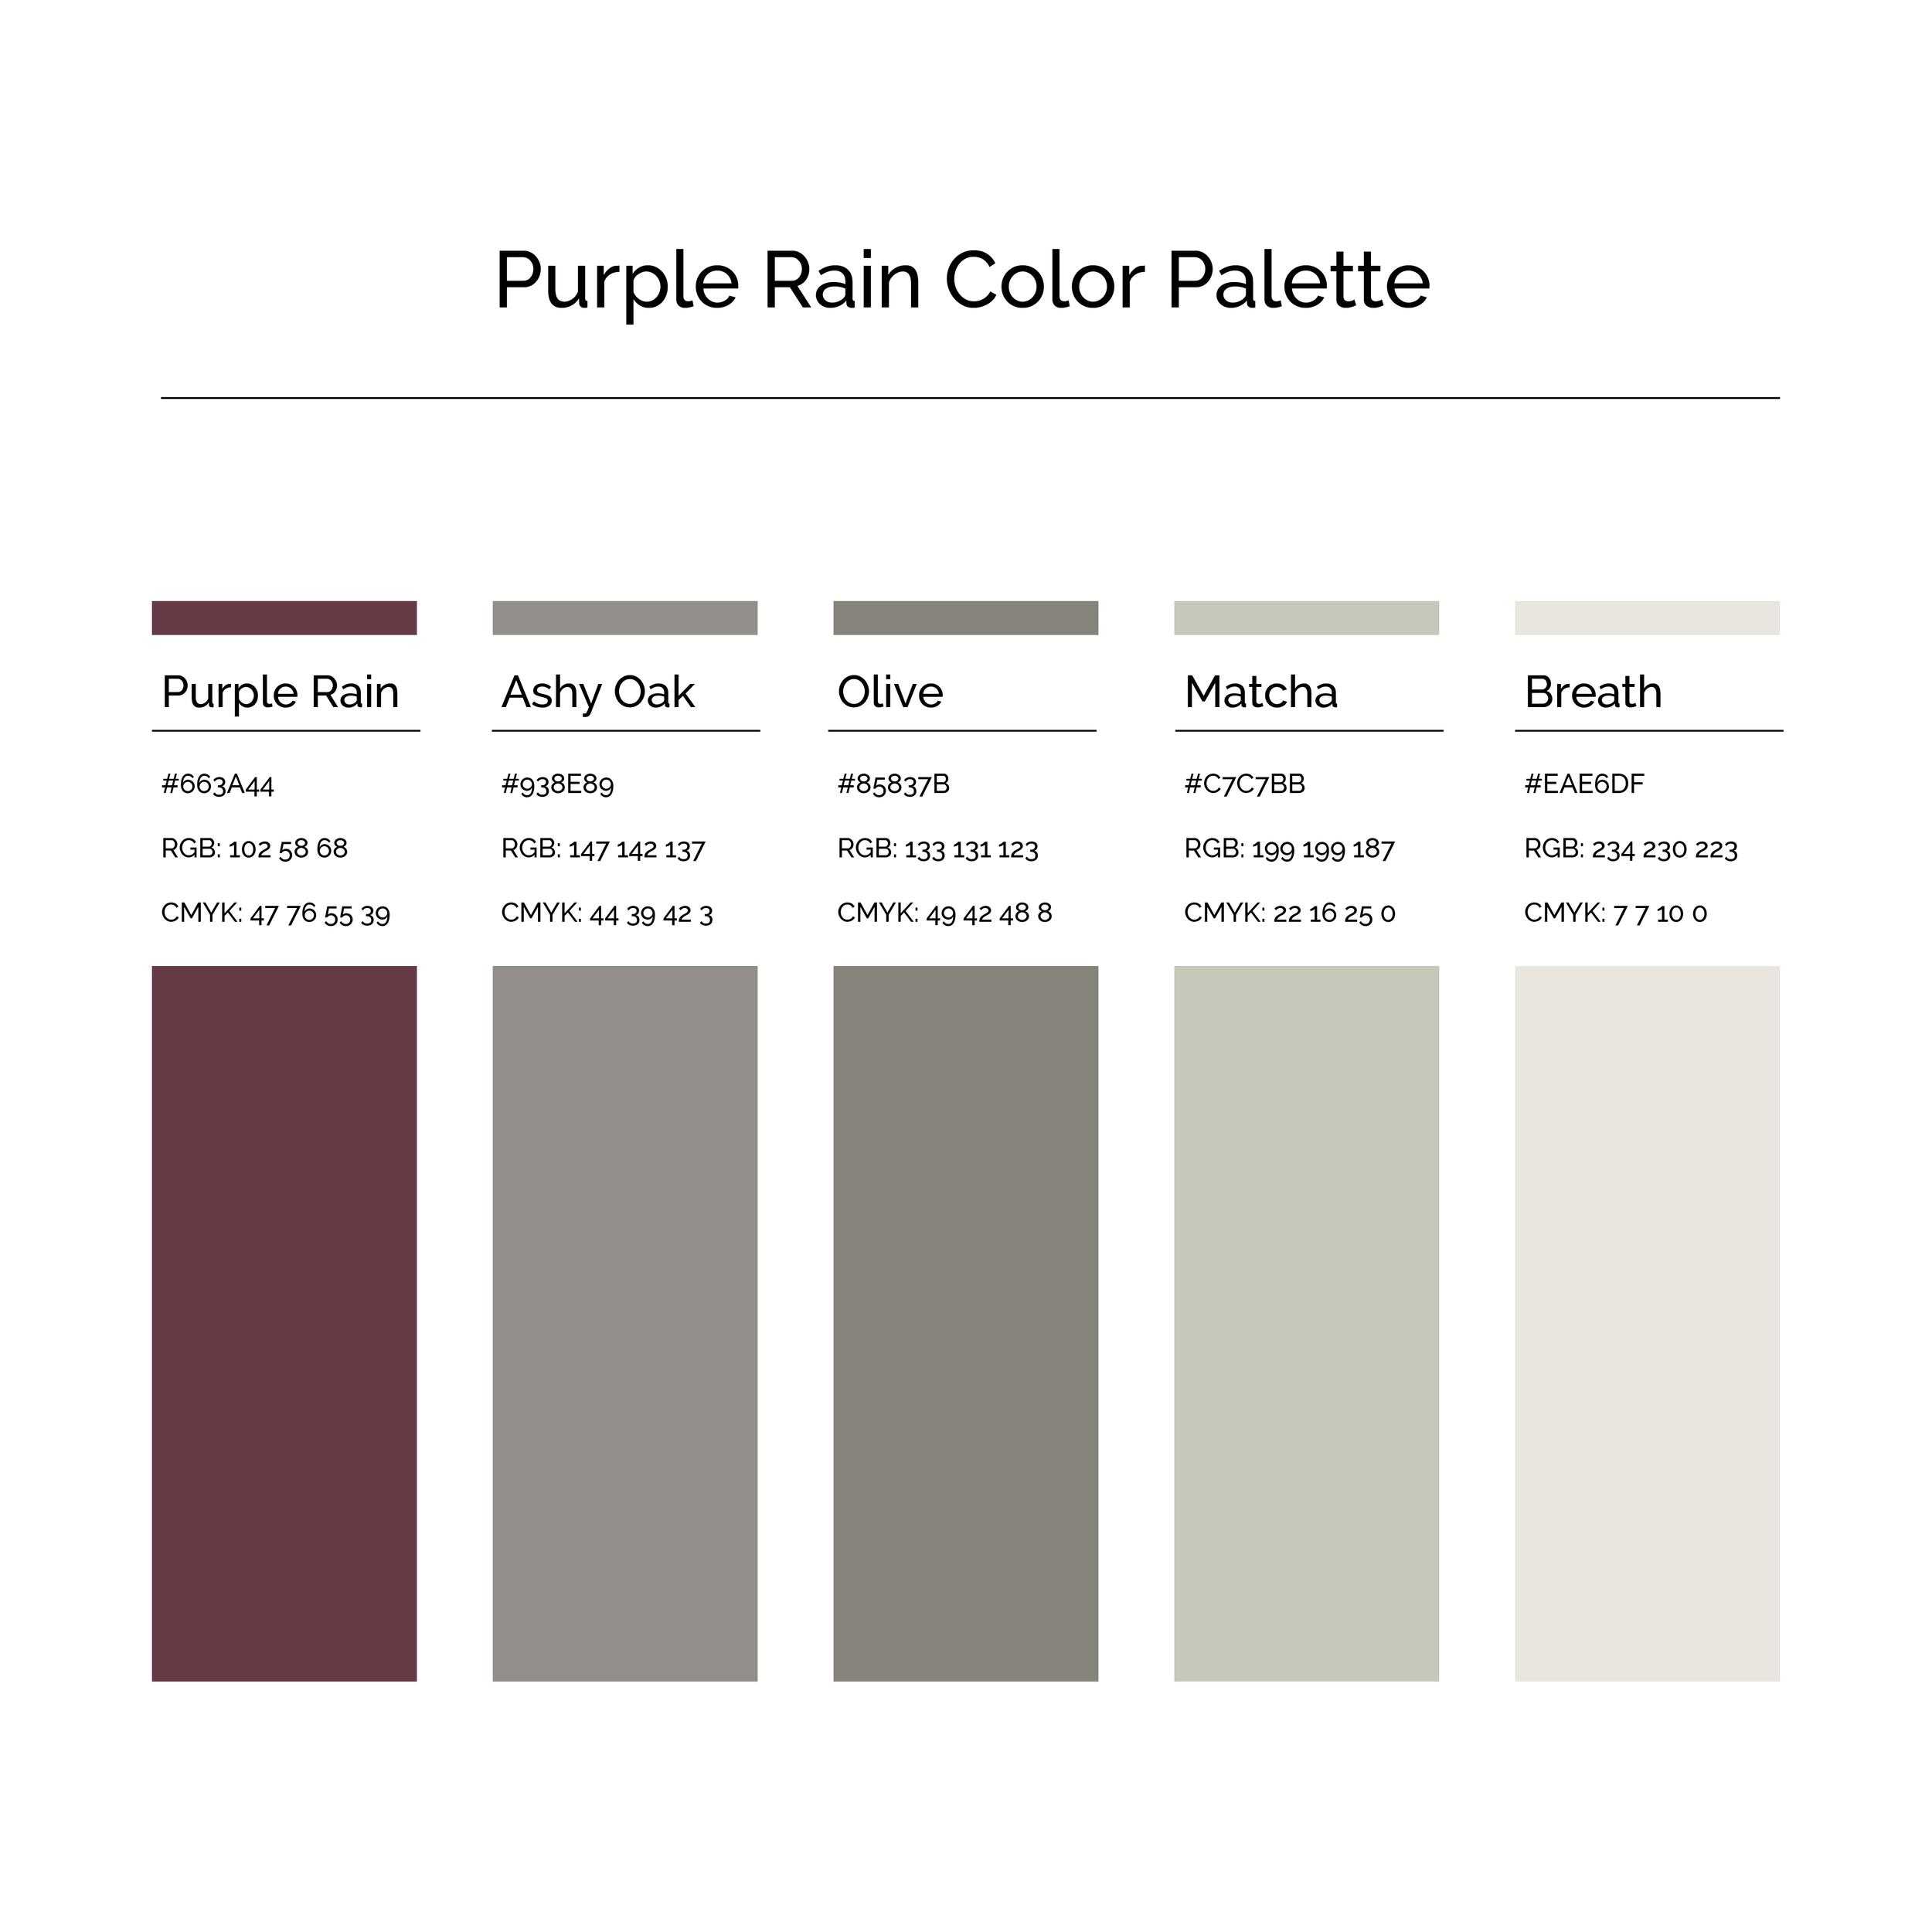 15 More Color Palettes | Purple Rain Color Palette